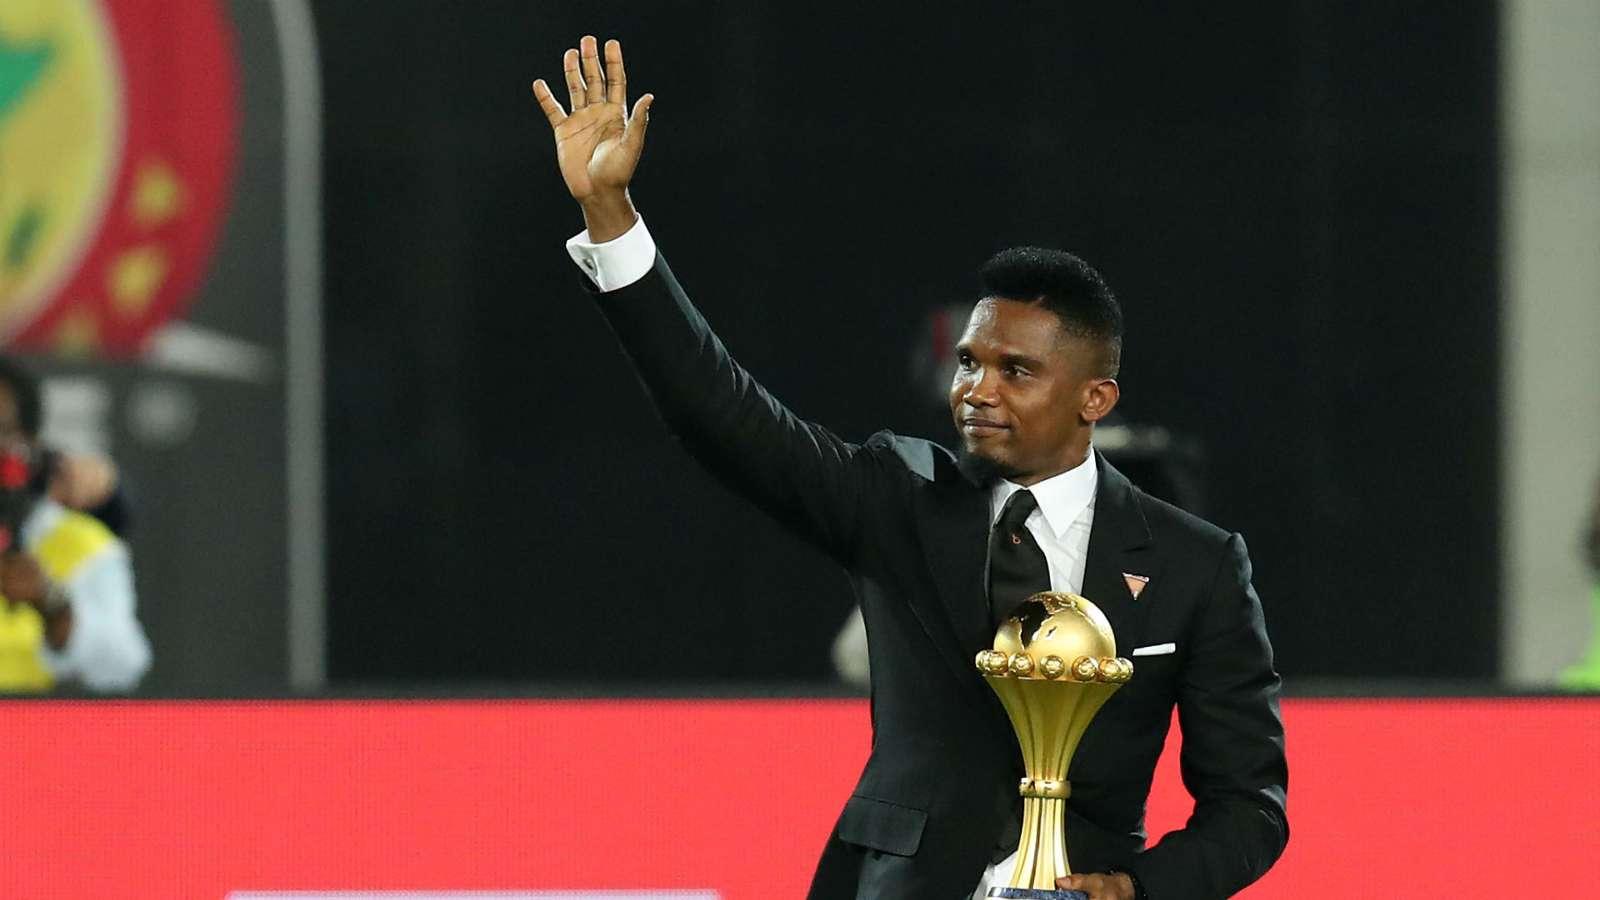 埃托奥:我一直是非洲历史最佳,想要在未来前往欧洲执教